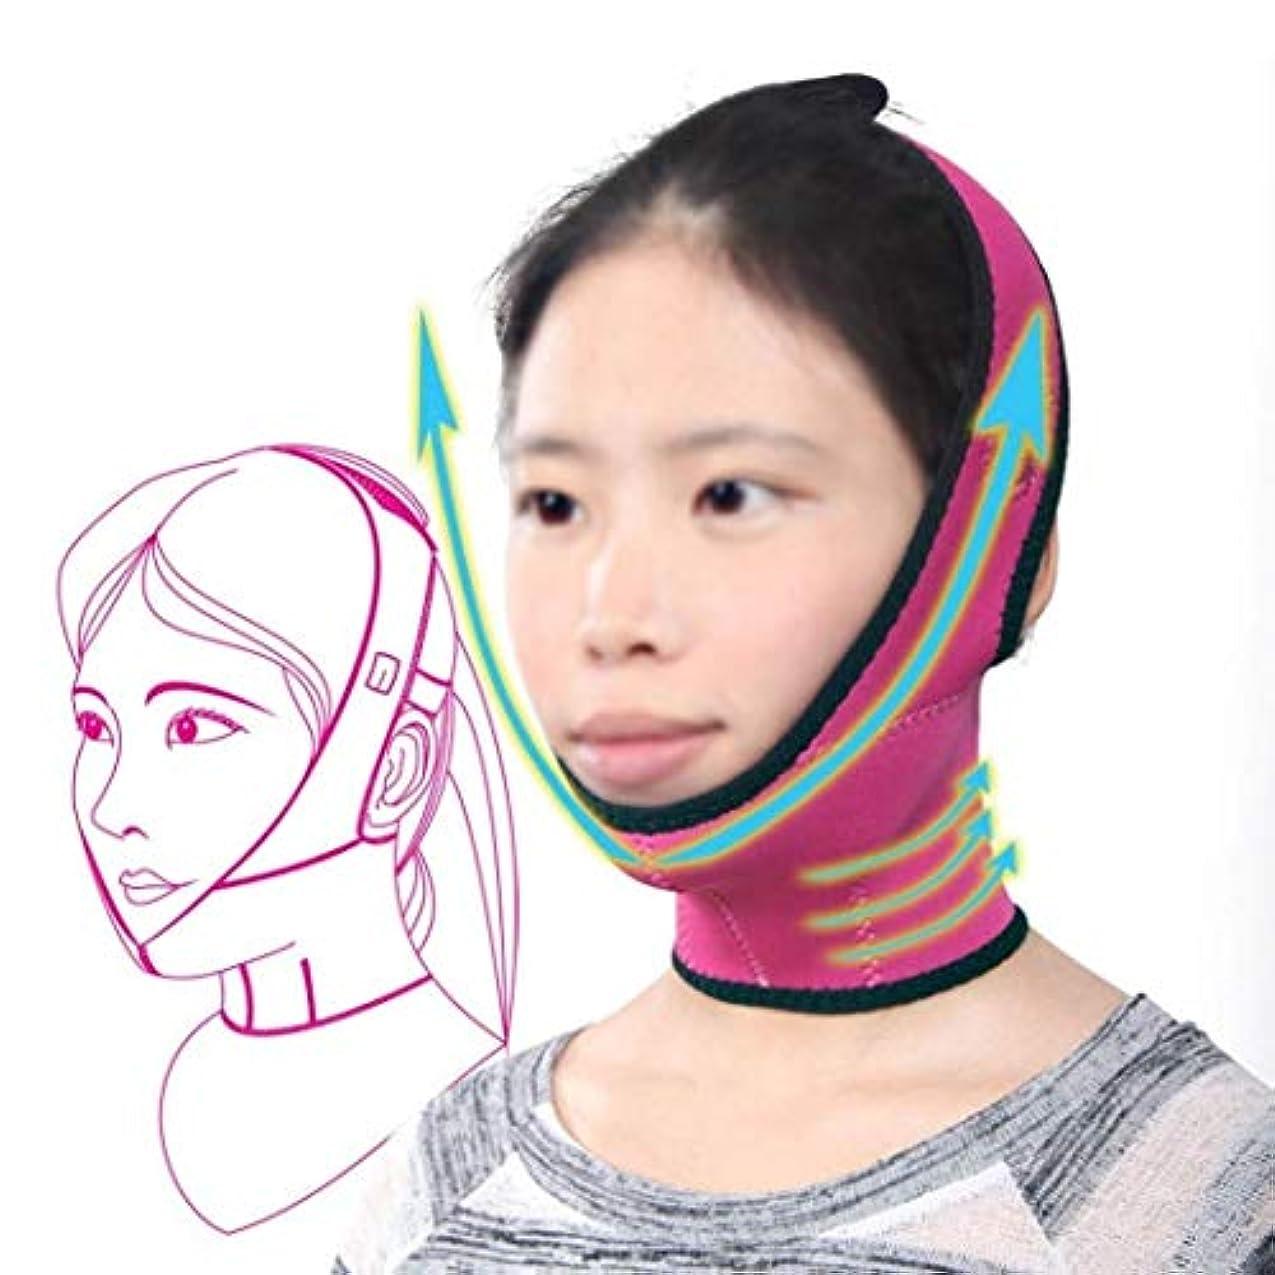 代わって反発裕福なフェイスリフトマスク、スリミングベルトフェイスマスク強力なリフティング小さなV顔薄い顔包帯美容美容リフティング顔小さな顔薄いフェイスマスク